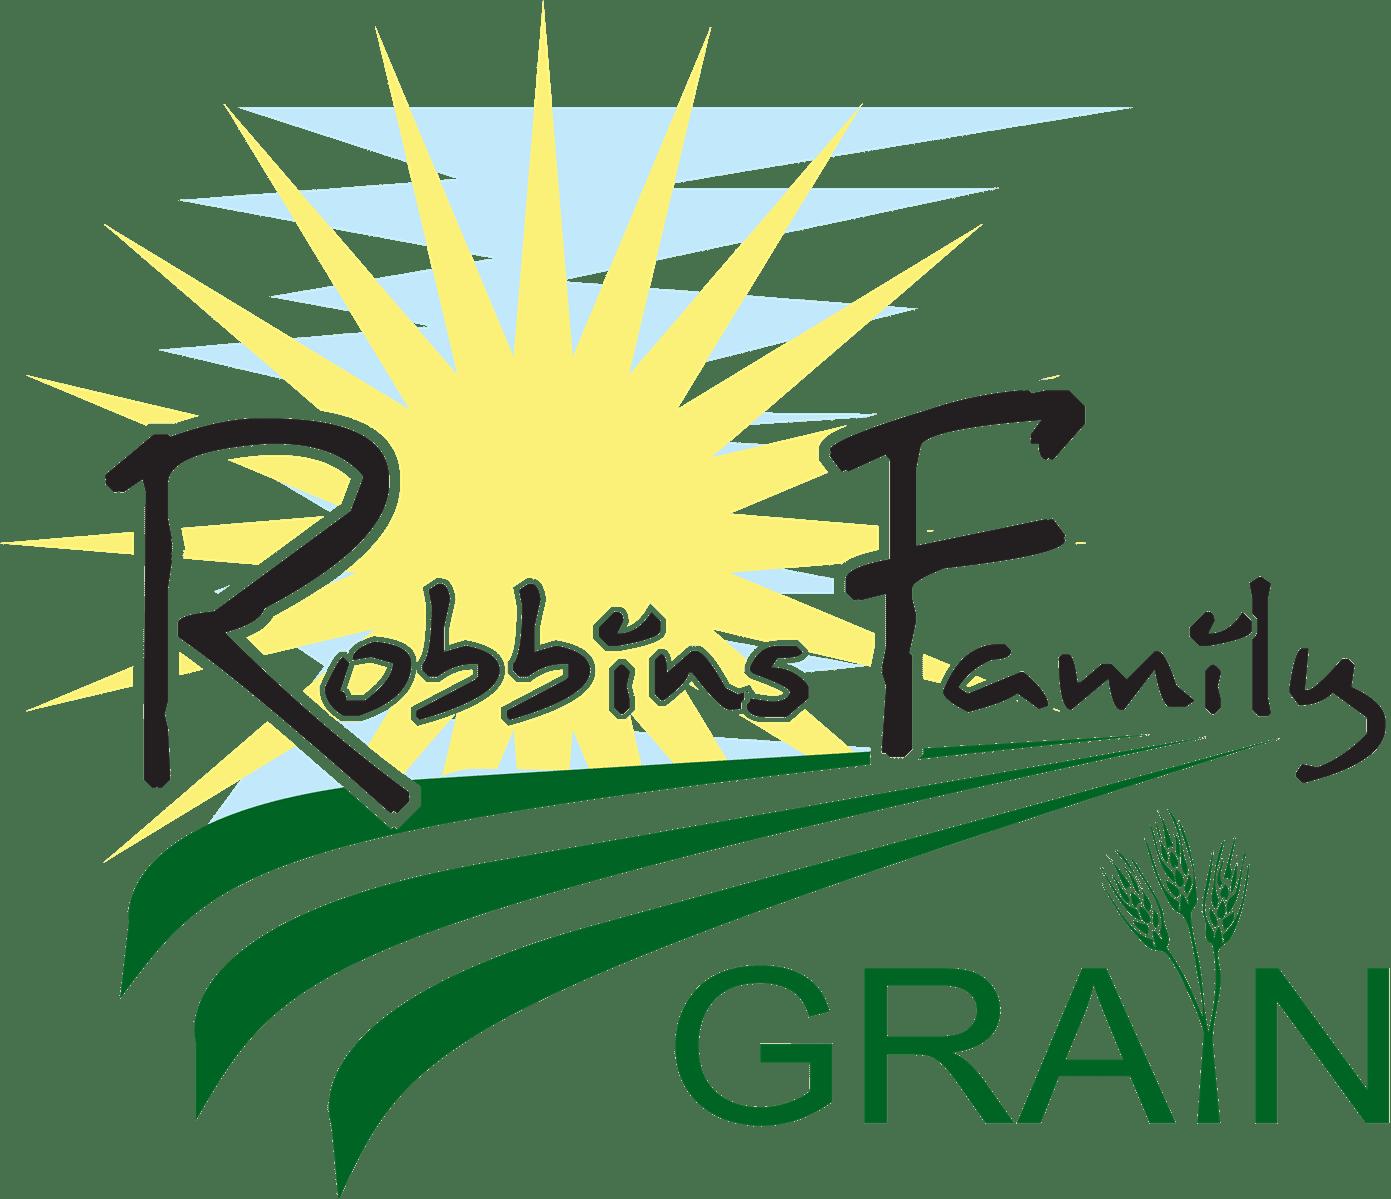 Robbins Family Grain & North Harbor Dairy